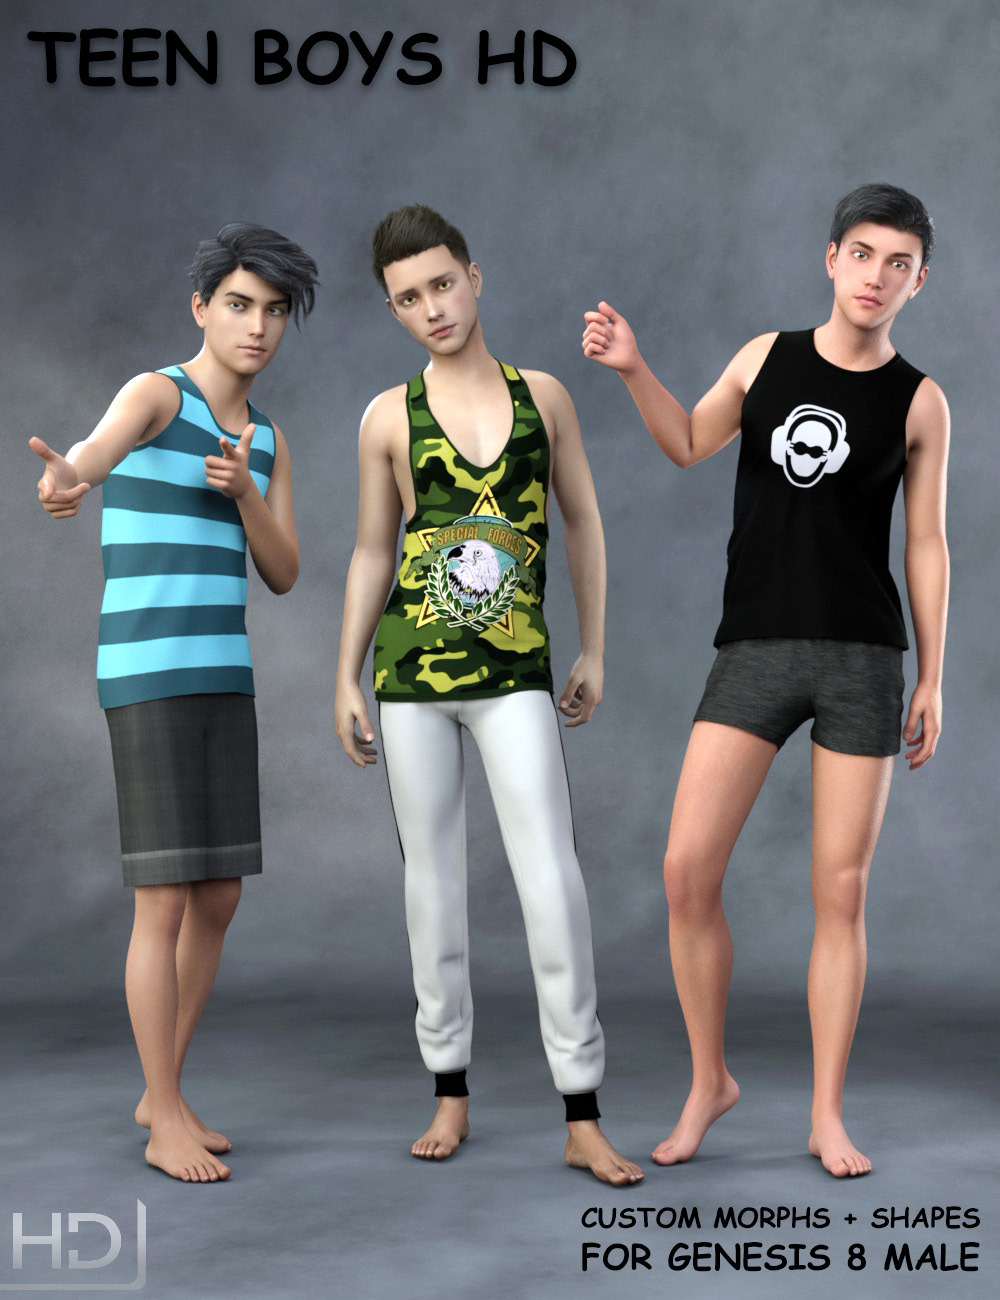 Teen Boys HD for Genesis 8 Male by: SF-Design, 3D Models by Daz 3D